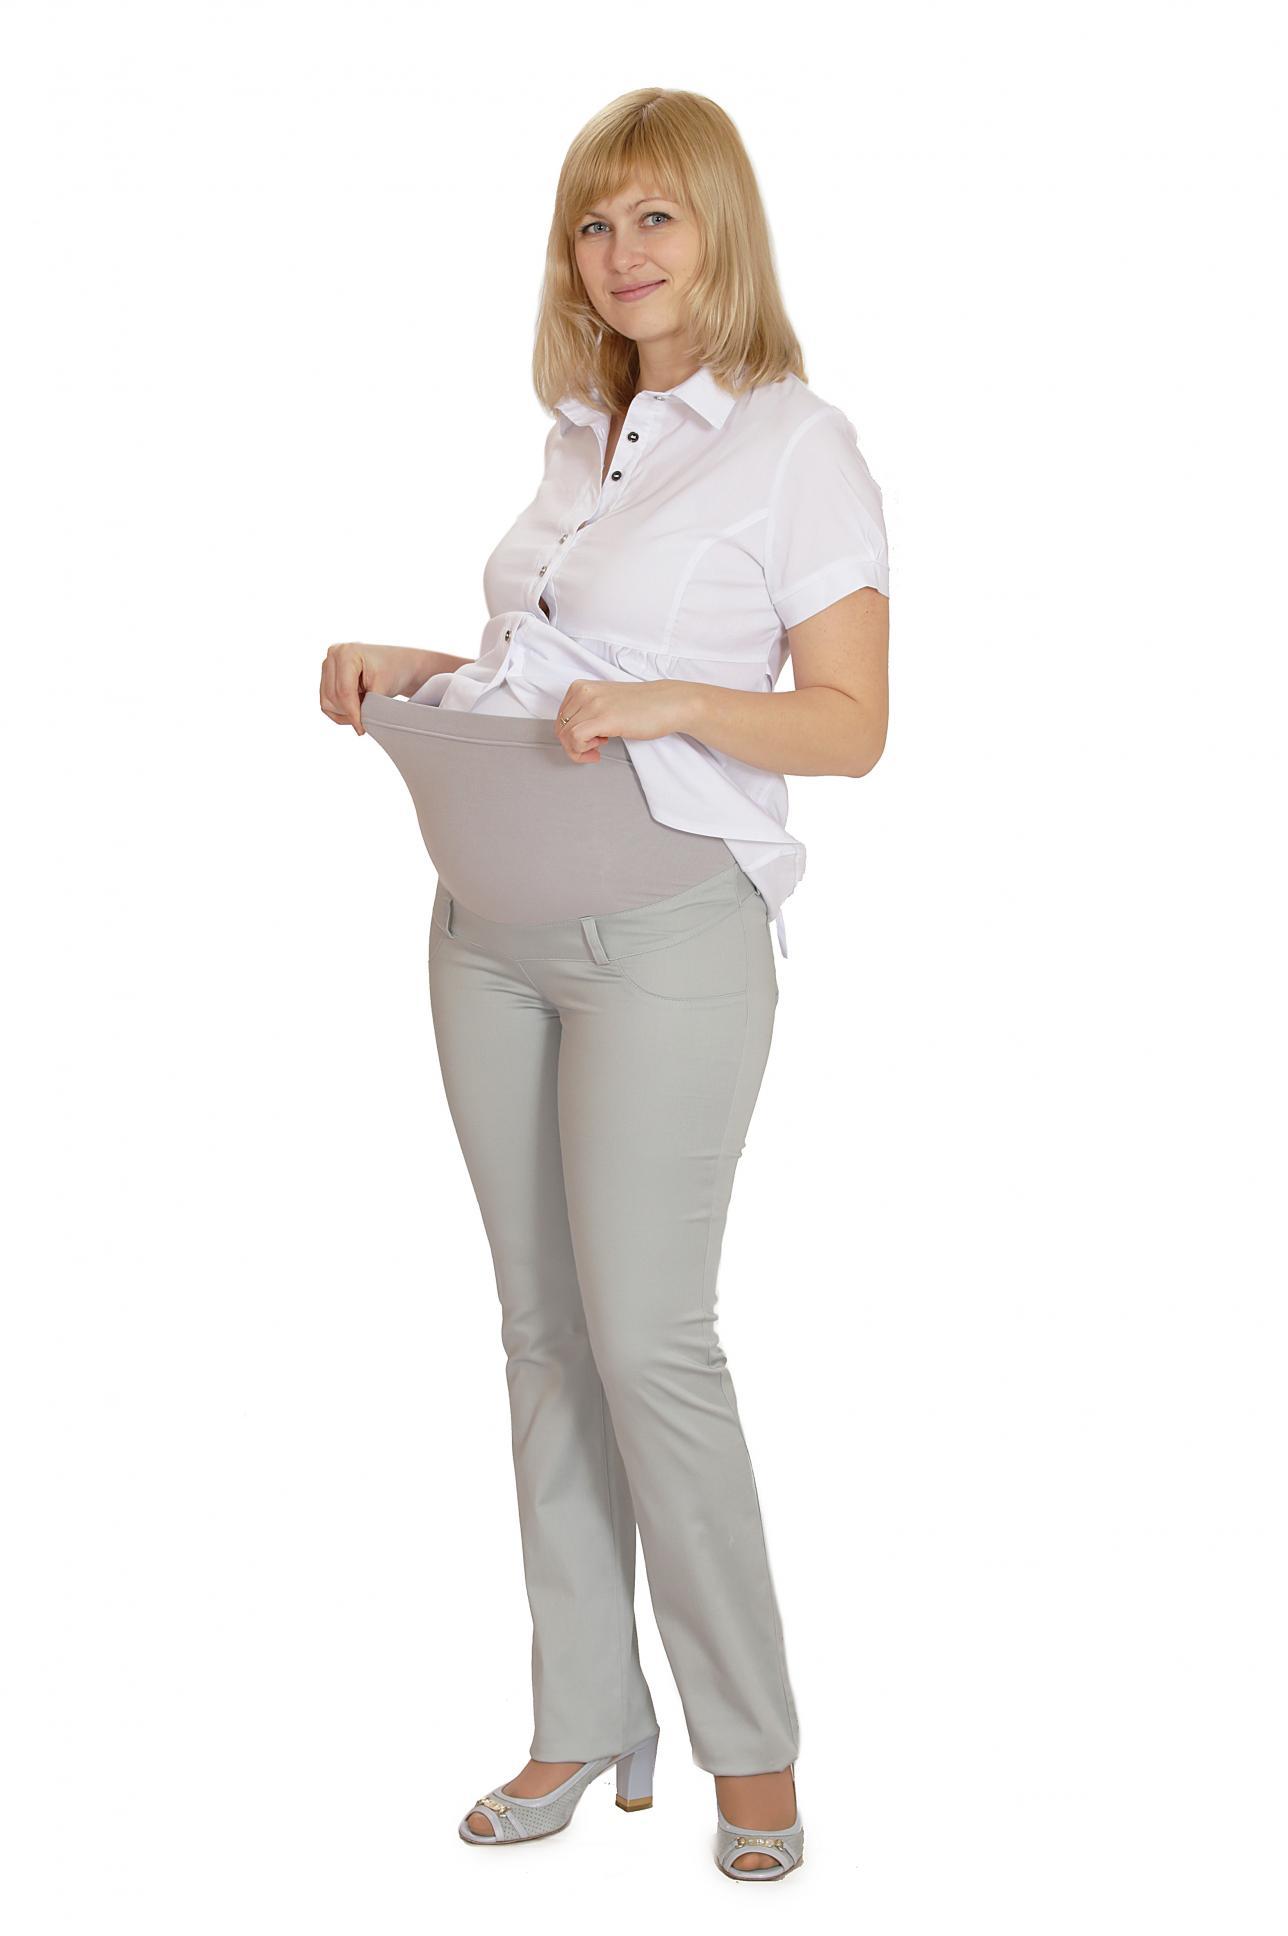 Работа для беременных в твери